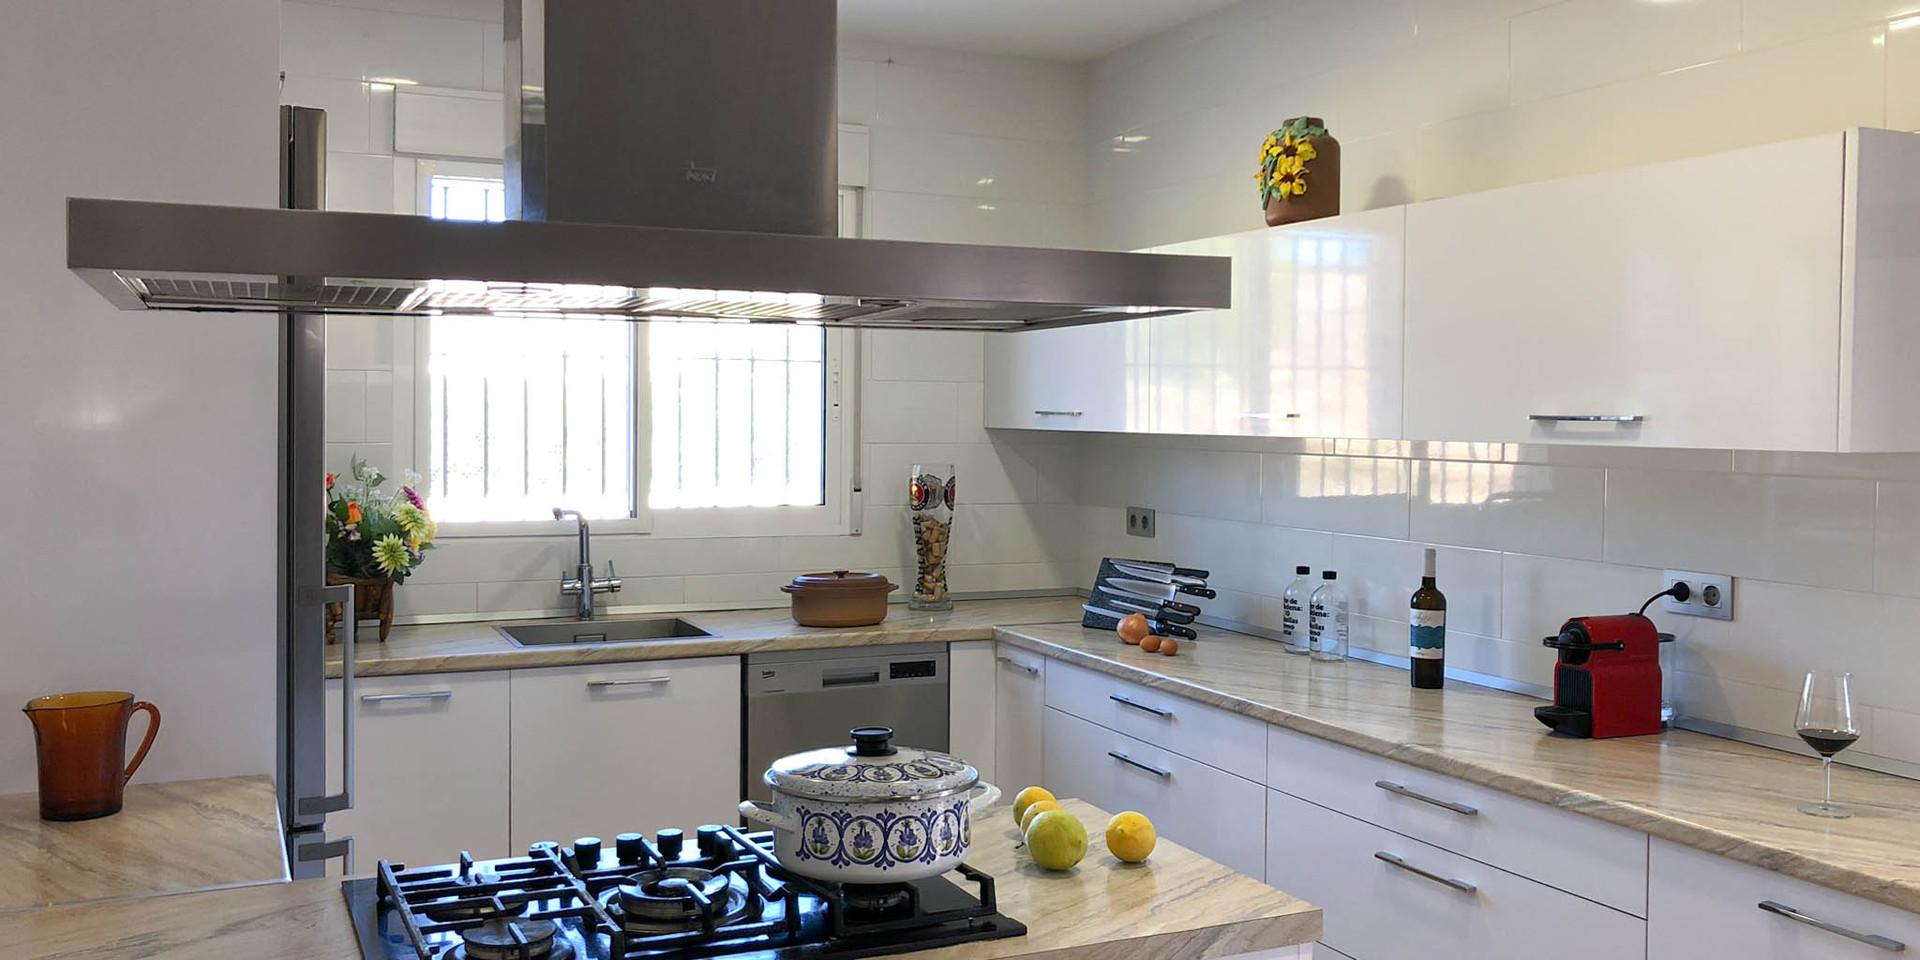 Vivienda en Mahoya. Casa entre olivos en Abanilla. Cocina